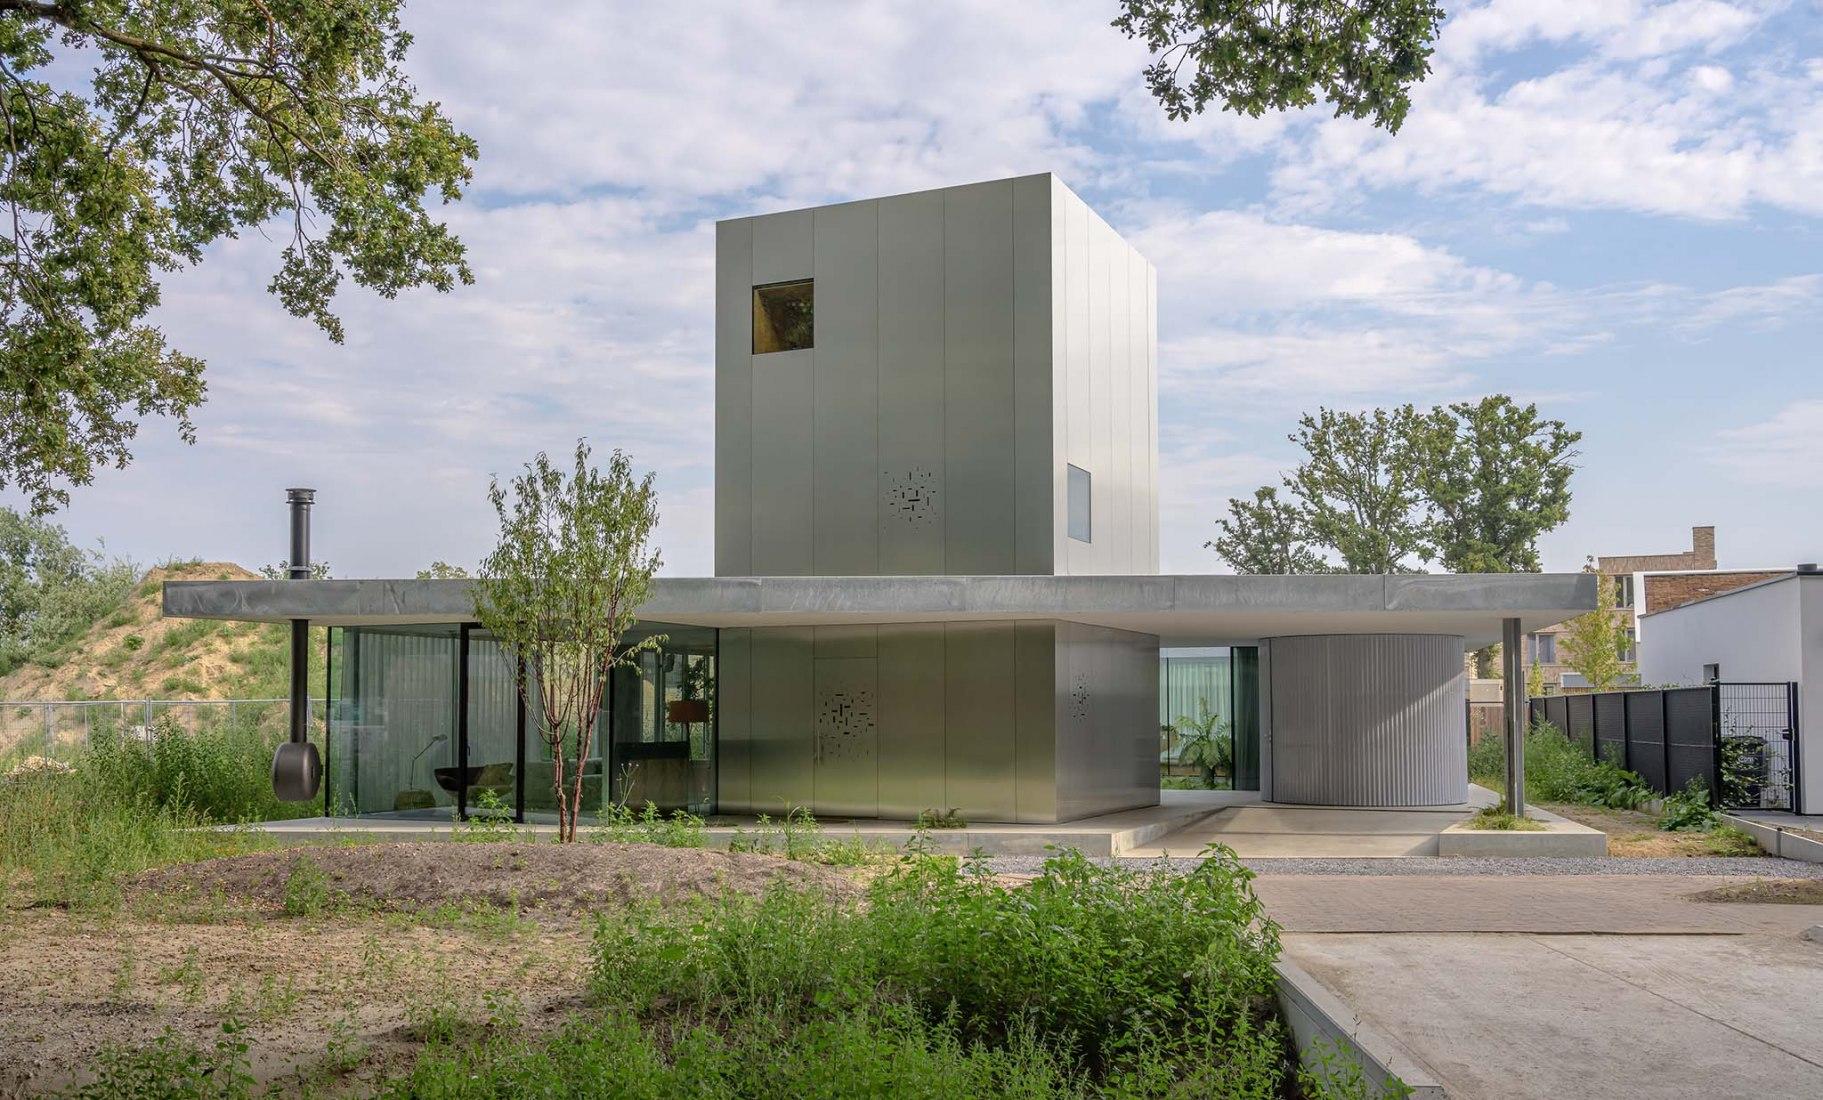 Villa Fifty-Fifty por Studioninedots. Fotografía por Frans Parthesius